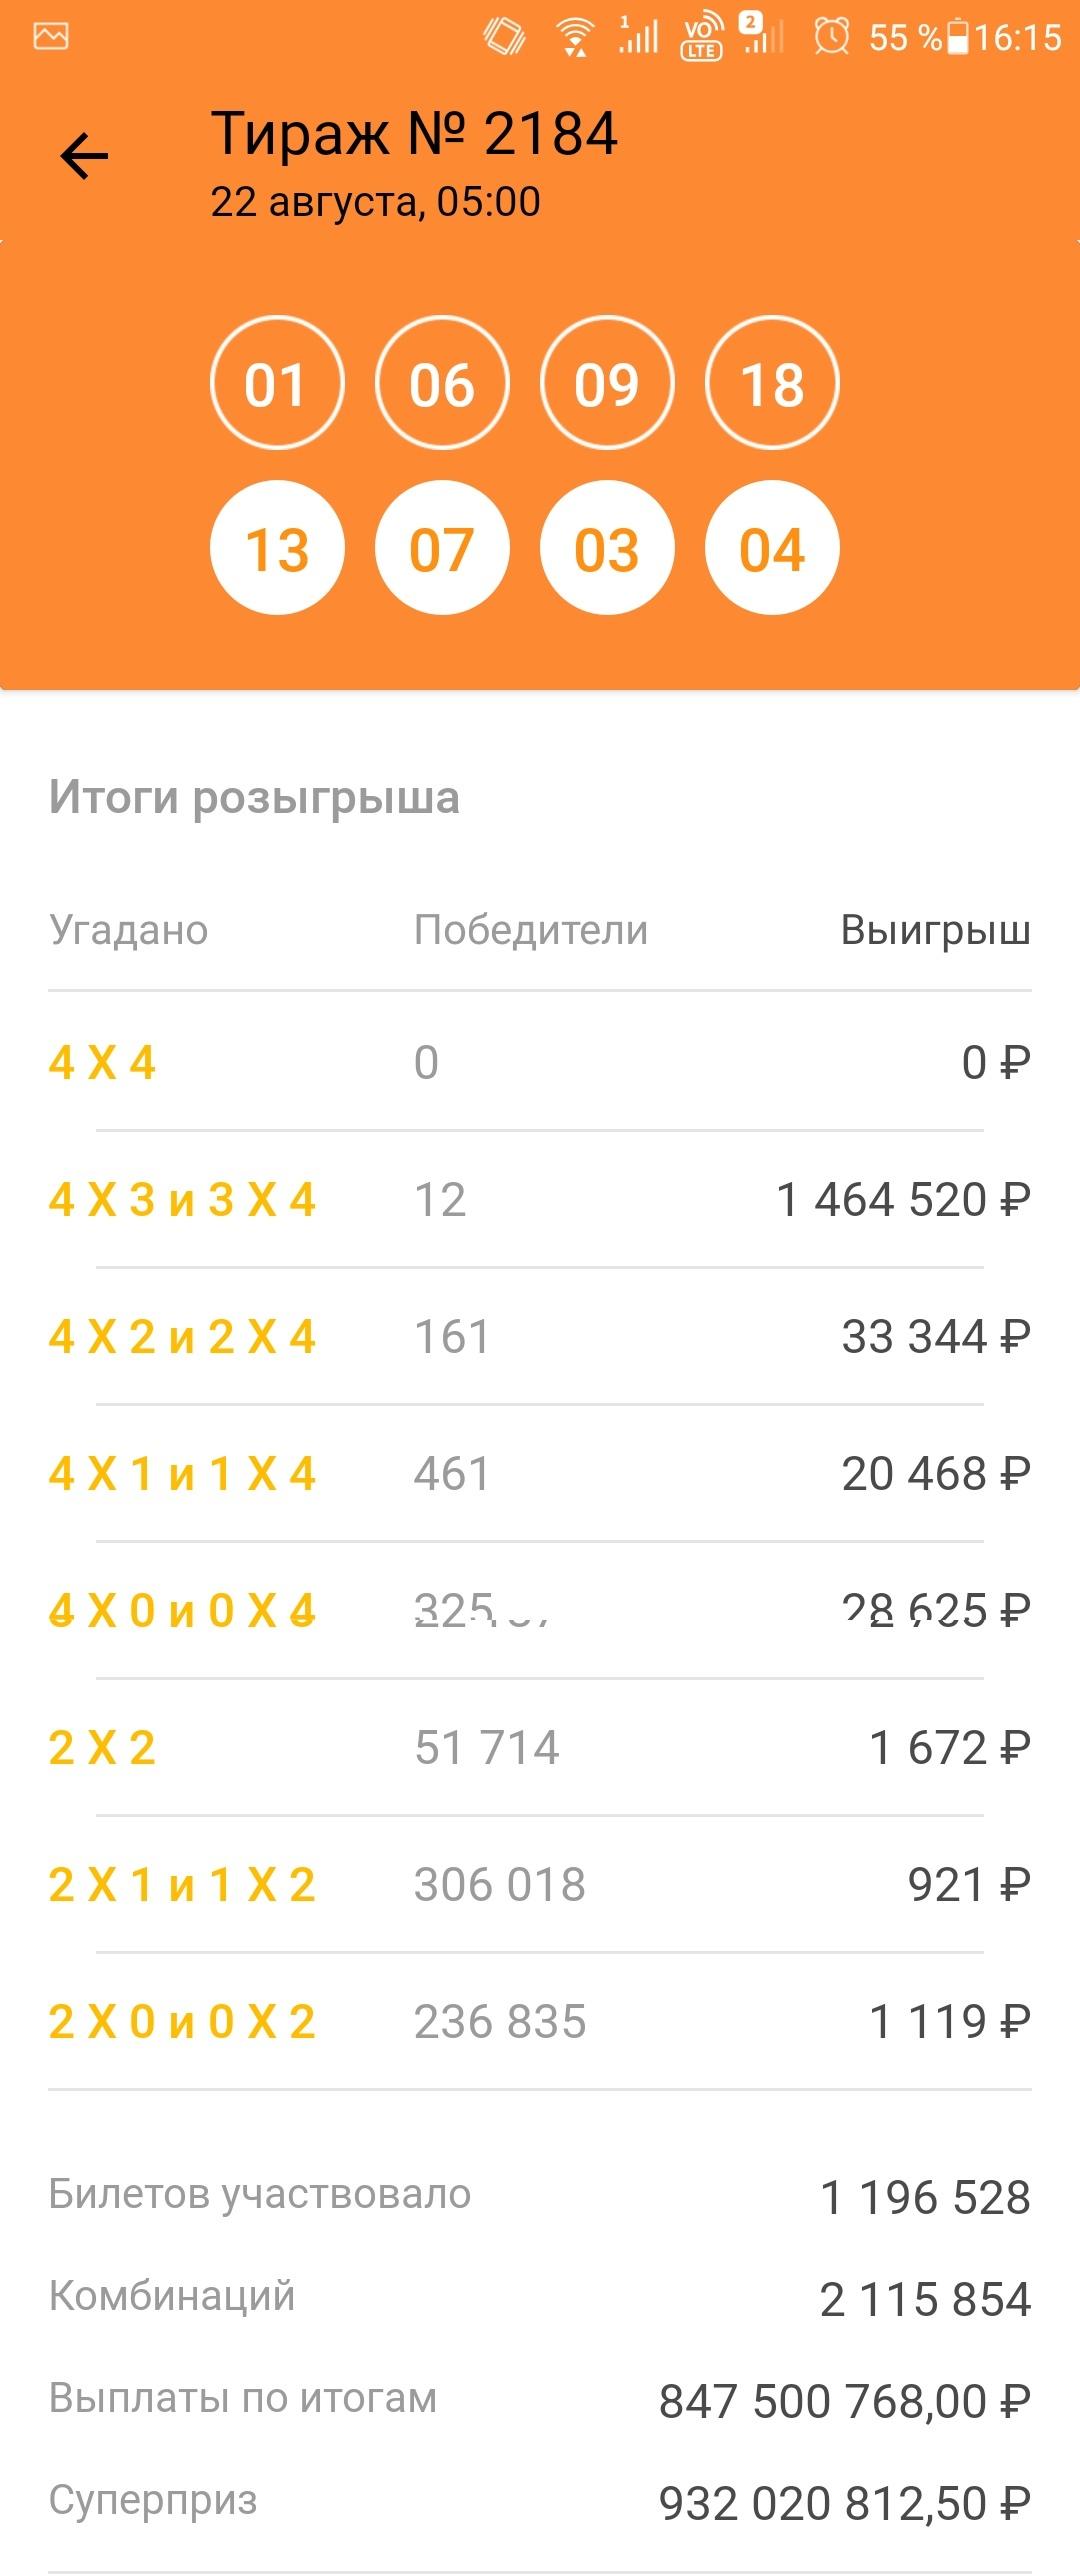 Колесо фортуны: самые популярные казино кипра - cyprus.is